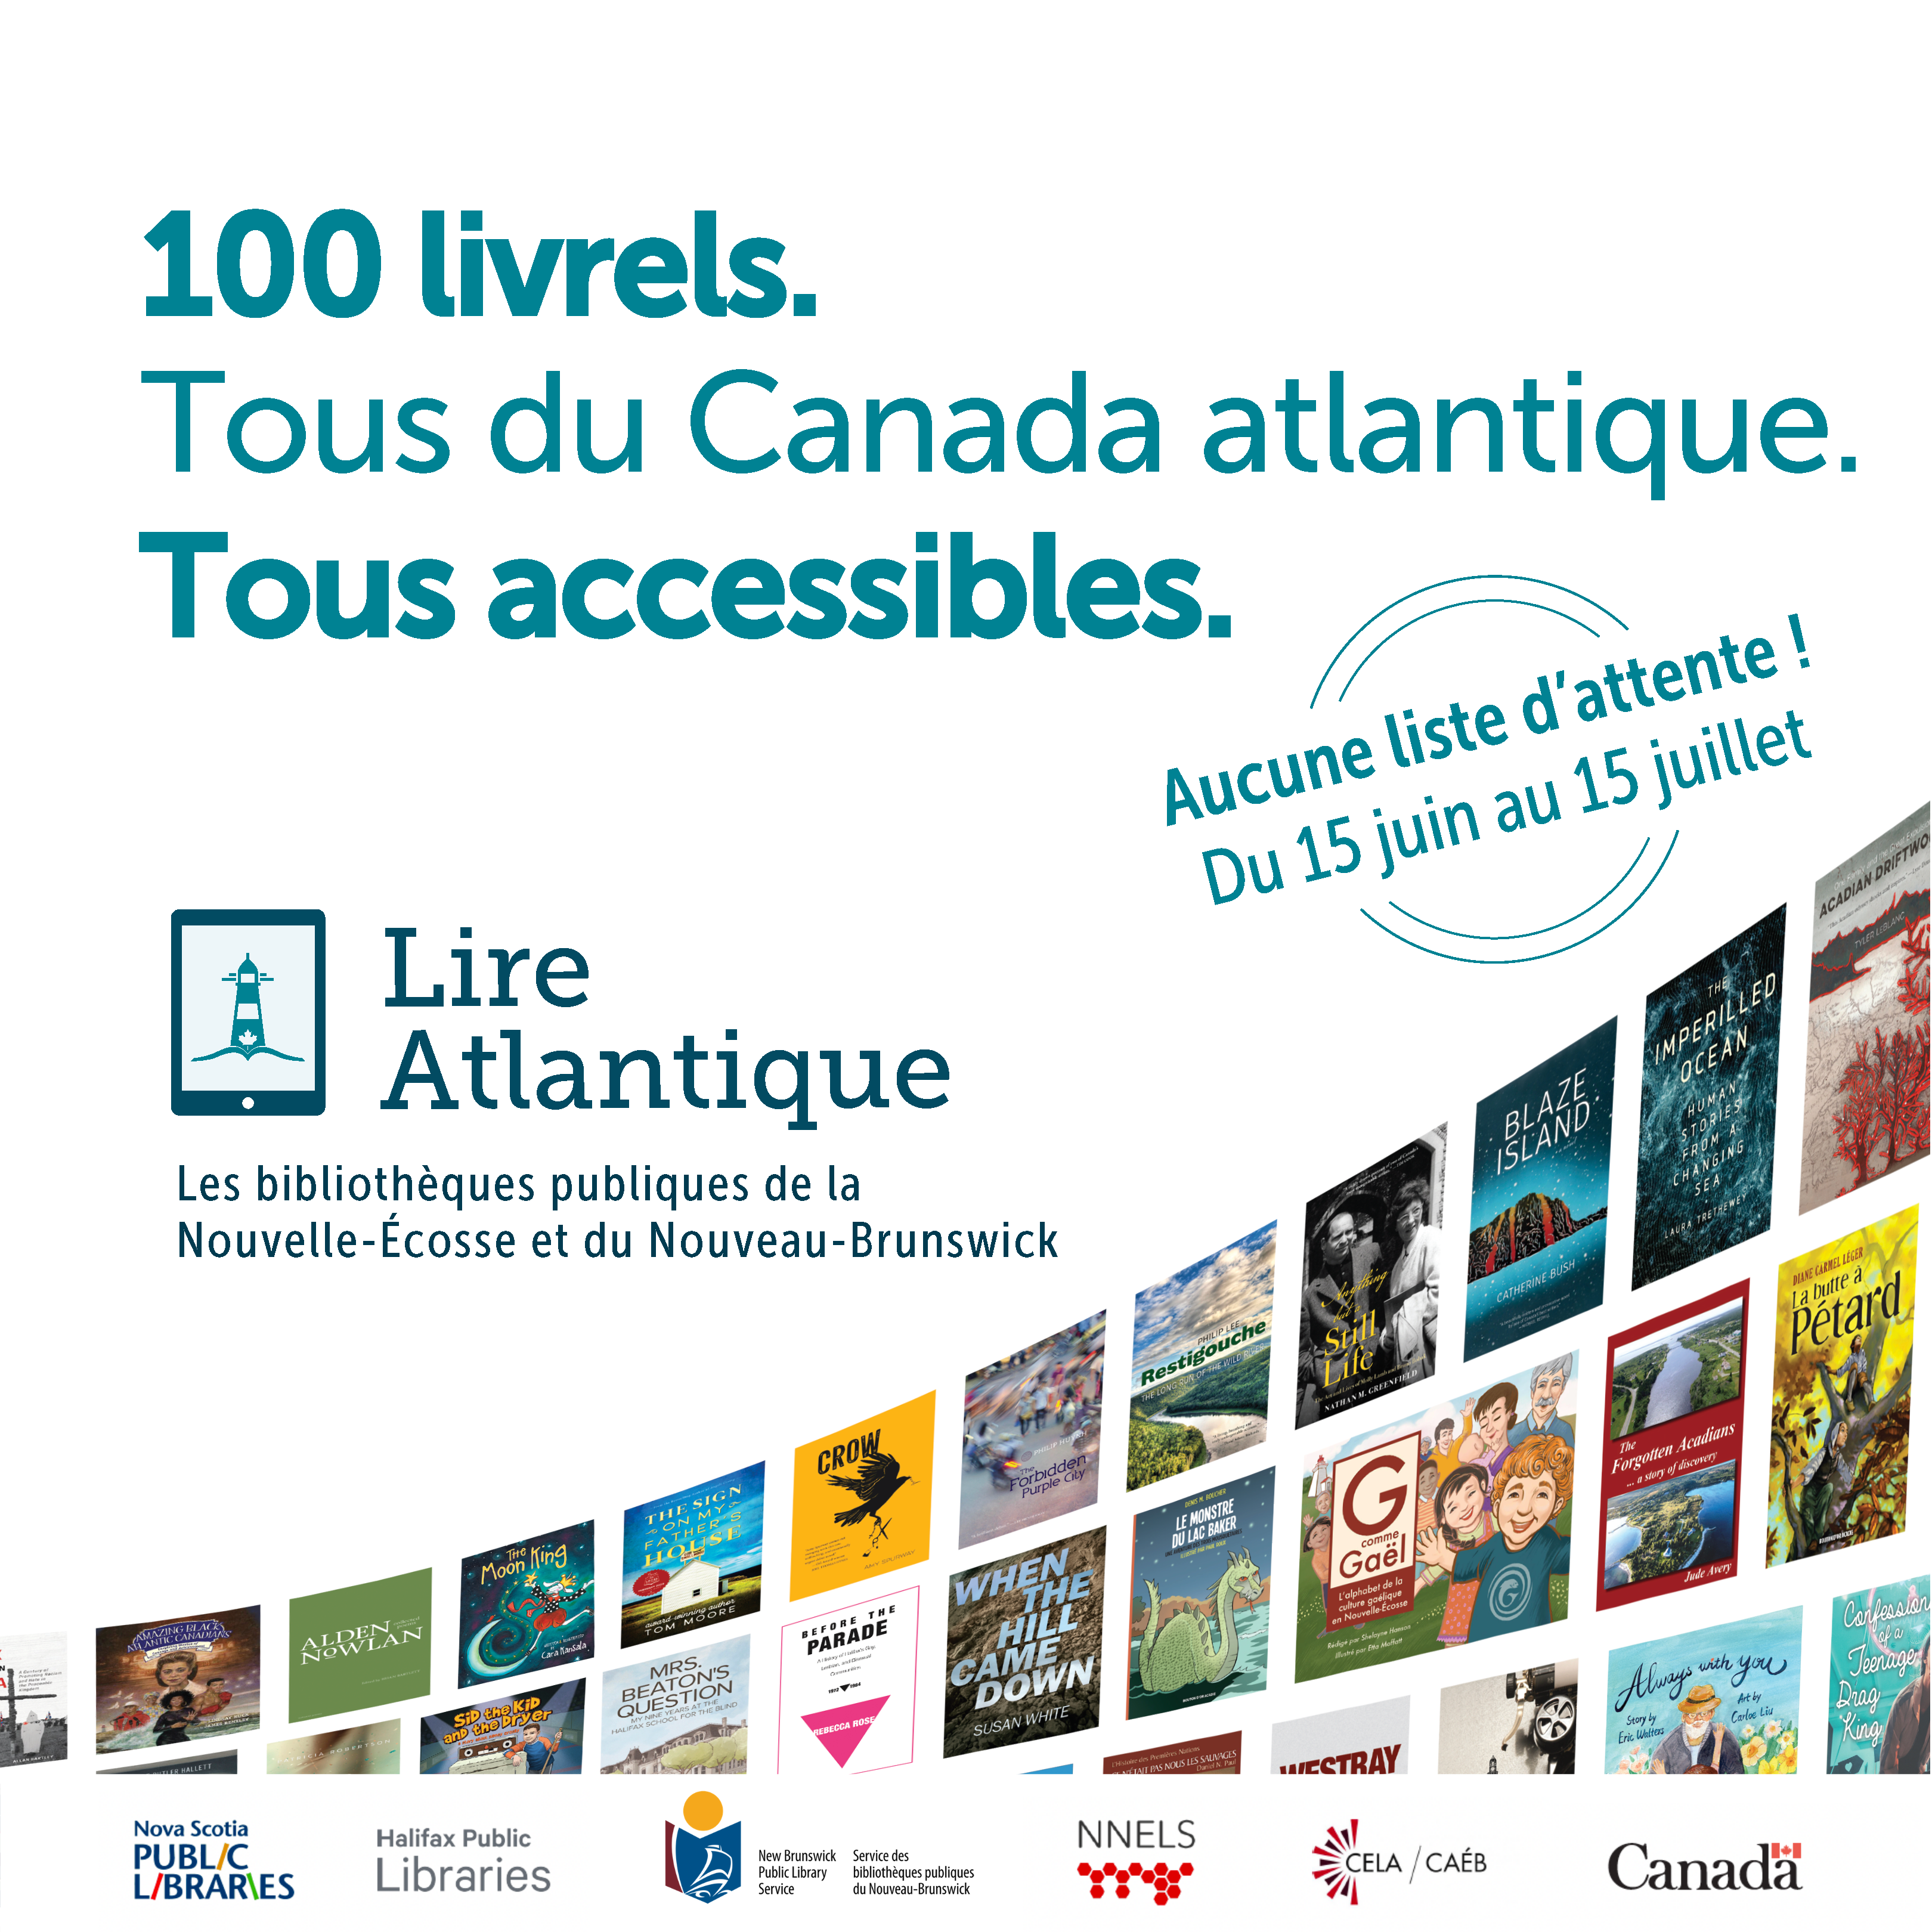 Les bibliothèques de la Nouvelle-Écosse et du Nouveau-Brunswick lancent une collection numérique de 100 livrels d'auteurs de notre région, convivialité d'accès garantie